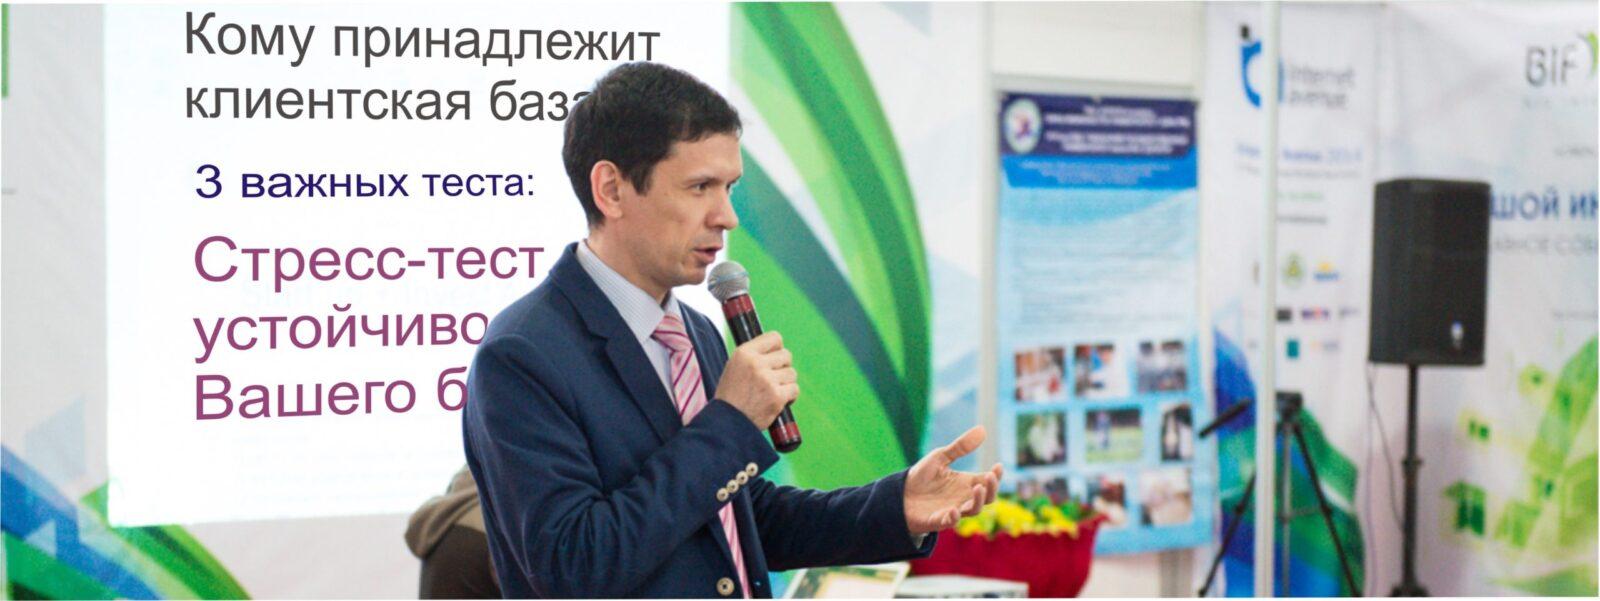 Тайна за семью печатями: как защитить  в Узбекистане ценную информацию?